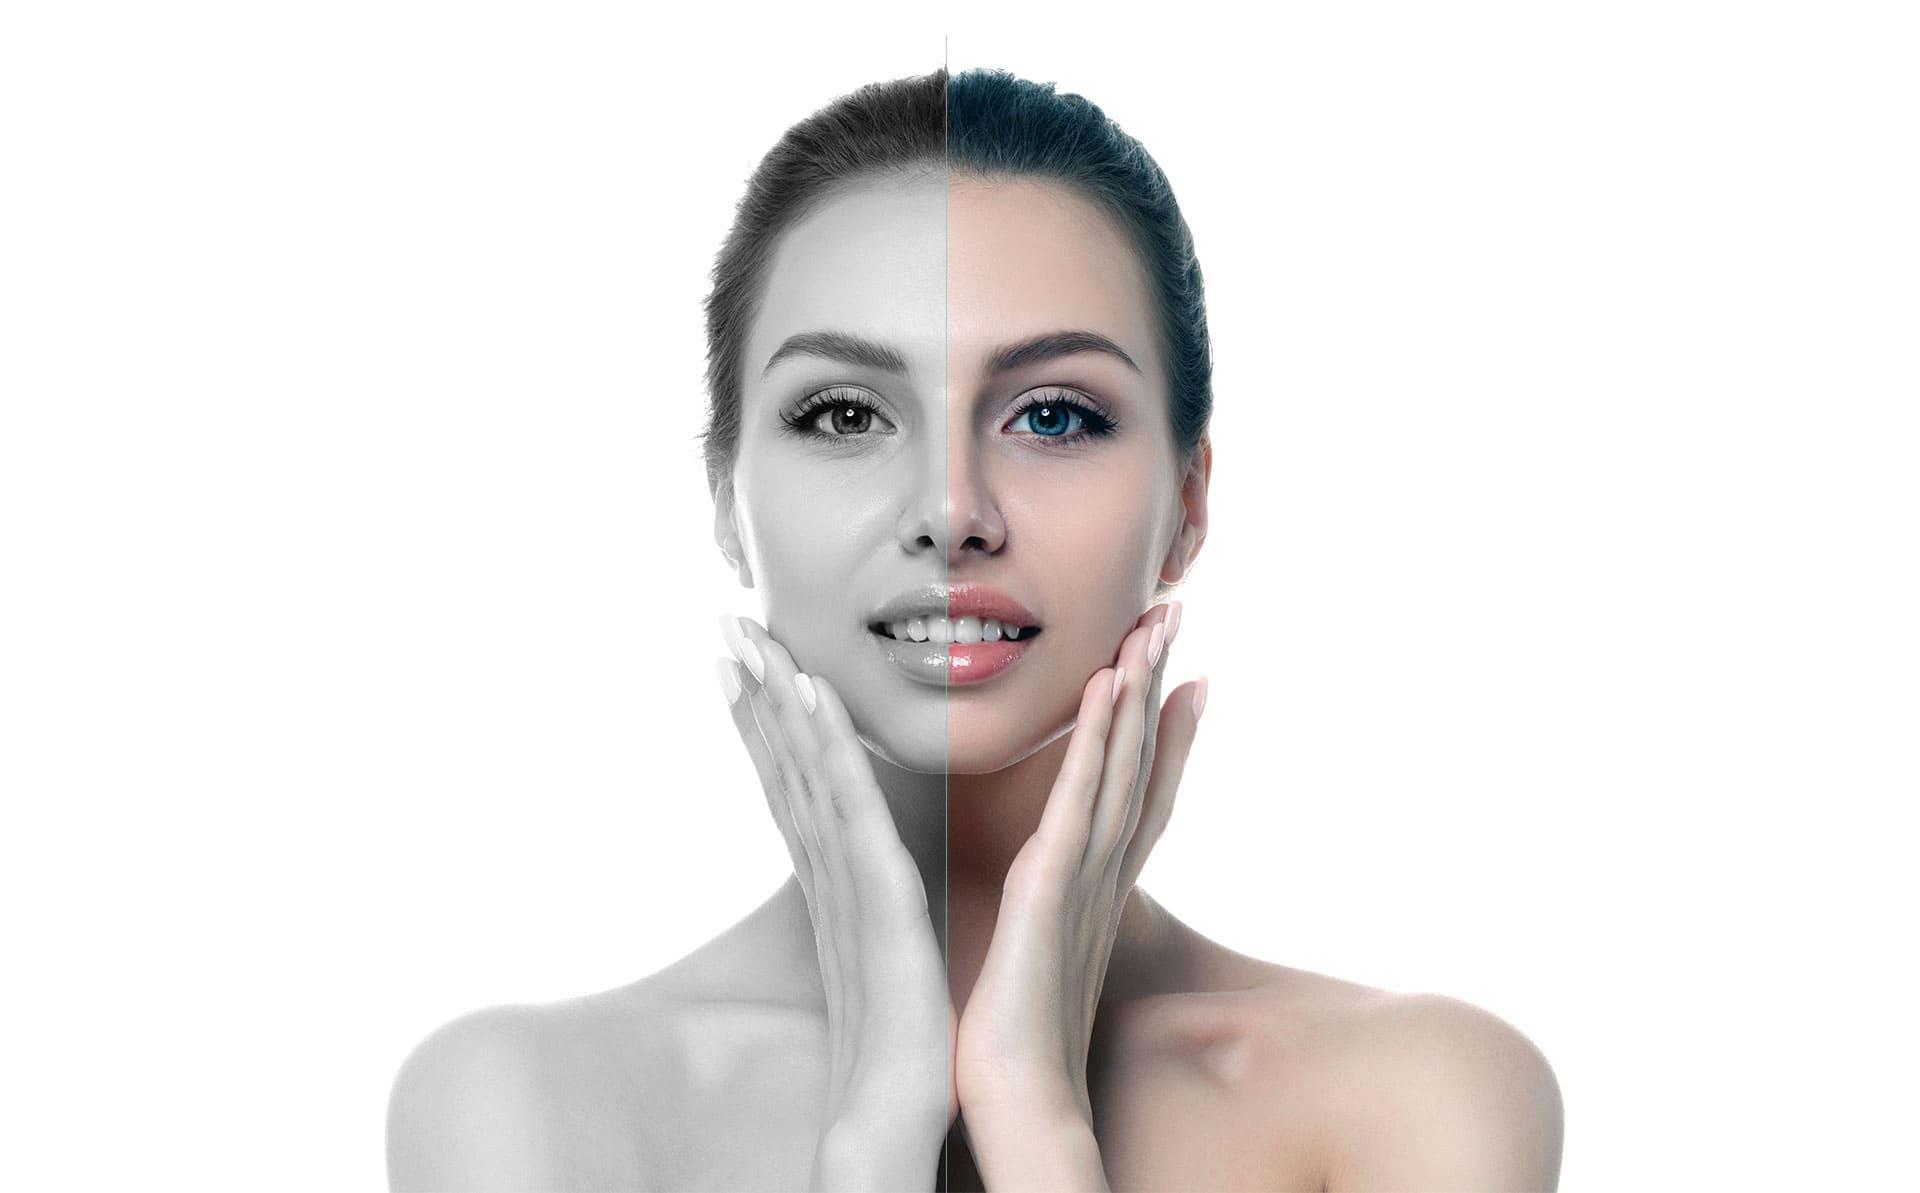 Medicina estética, Medicina estetica facial, Centro de medicina estetica, Centro medico estético